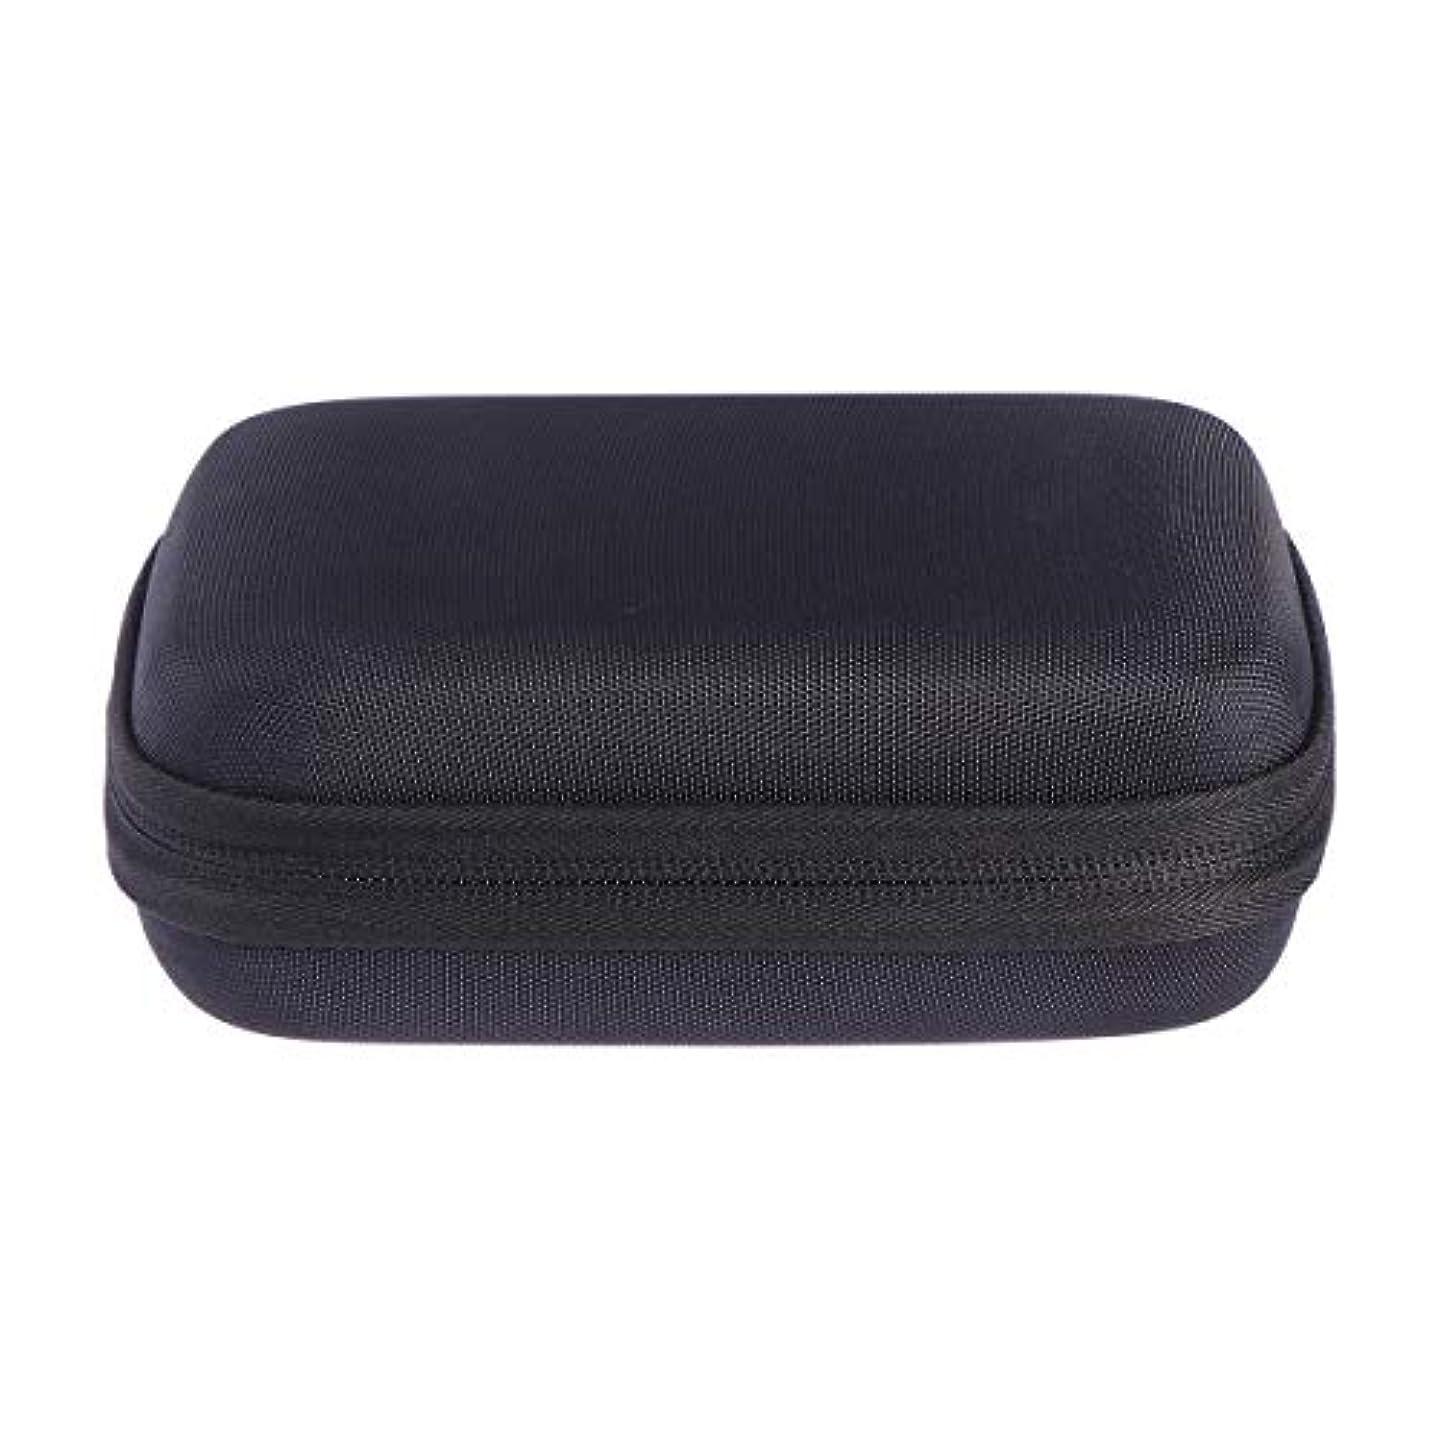 線形フィット動かないSUPVOX エッセンシャルオイルバッグキャリングケースオーガナイザーローラーボトル収納袋10スロットハードシェルオイルケースホルダー(ブラック)